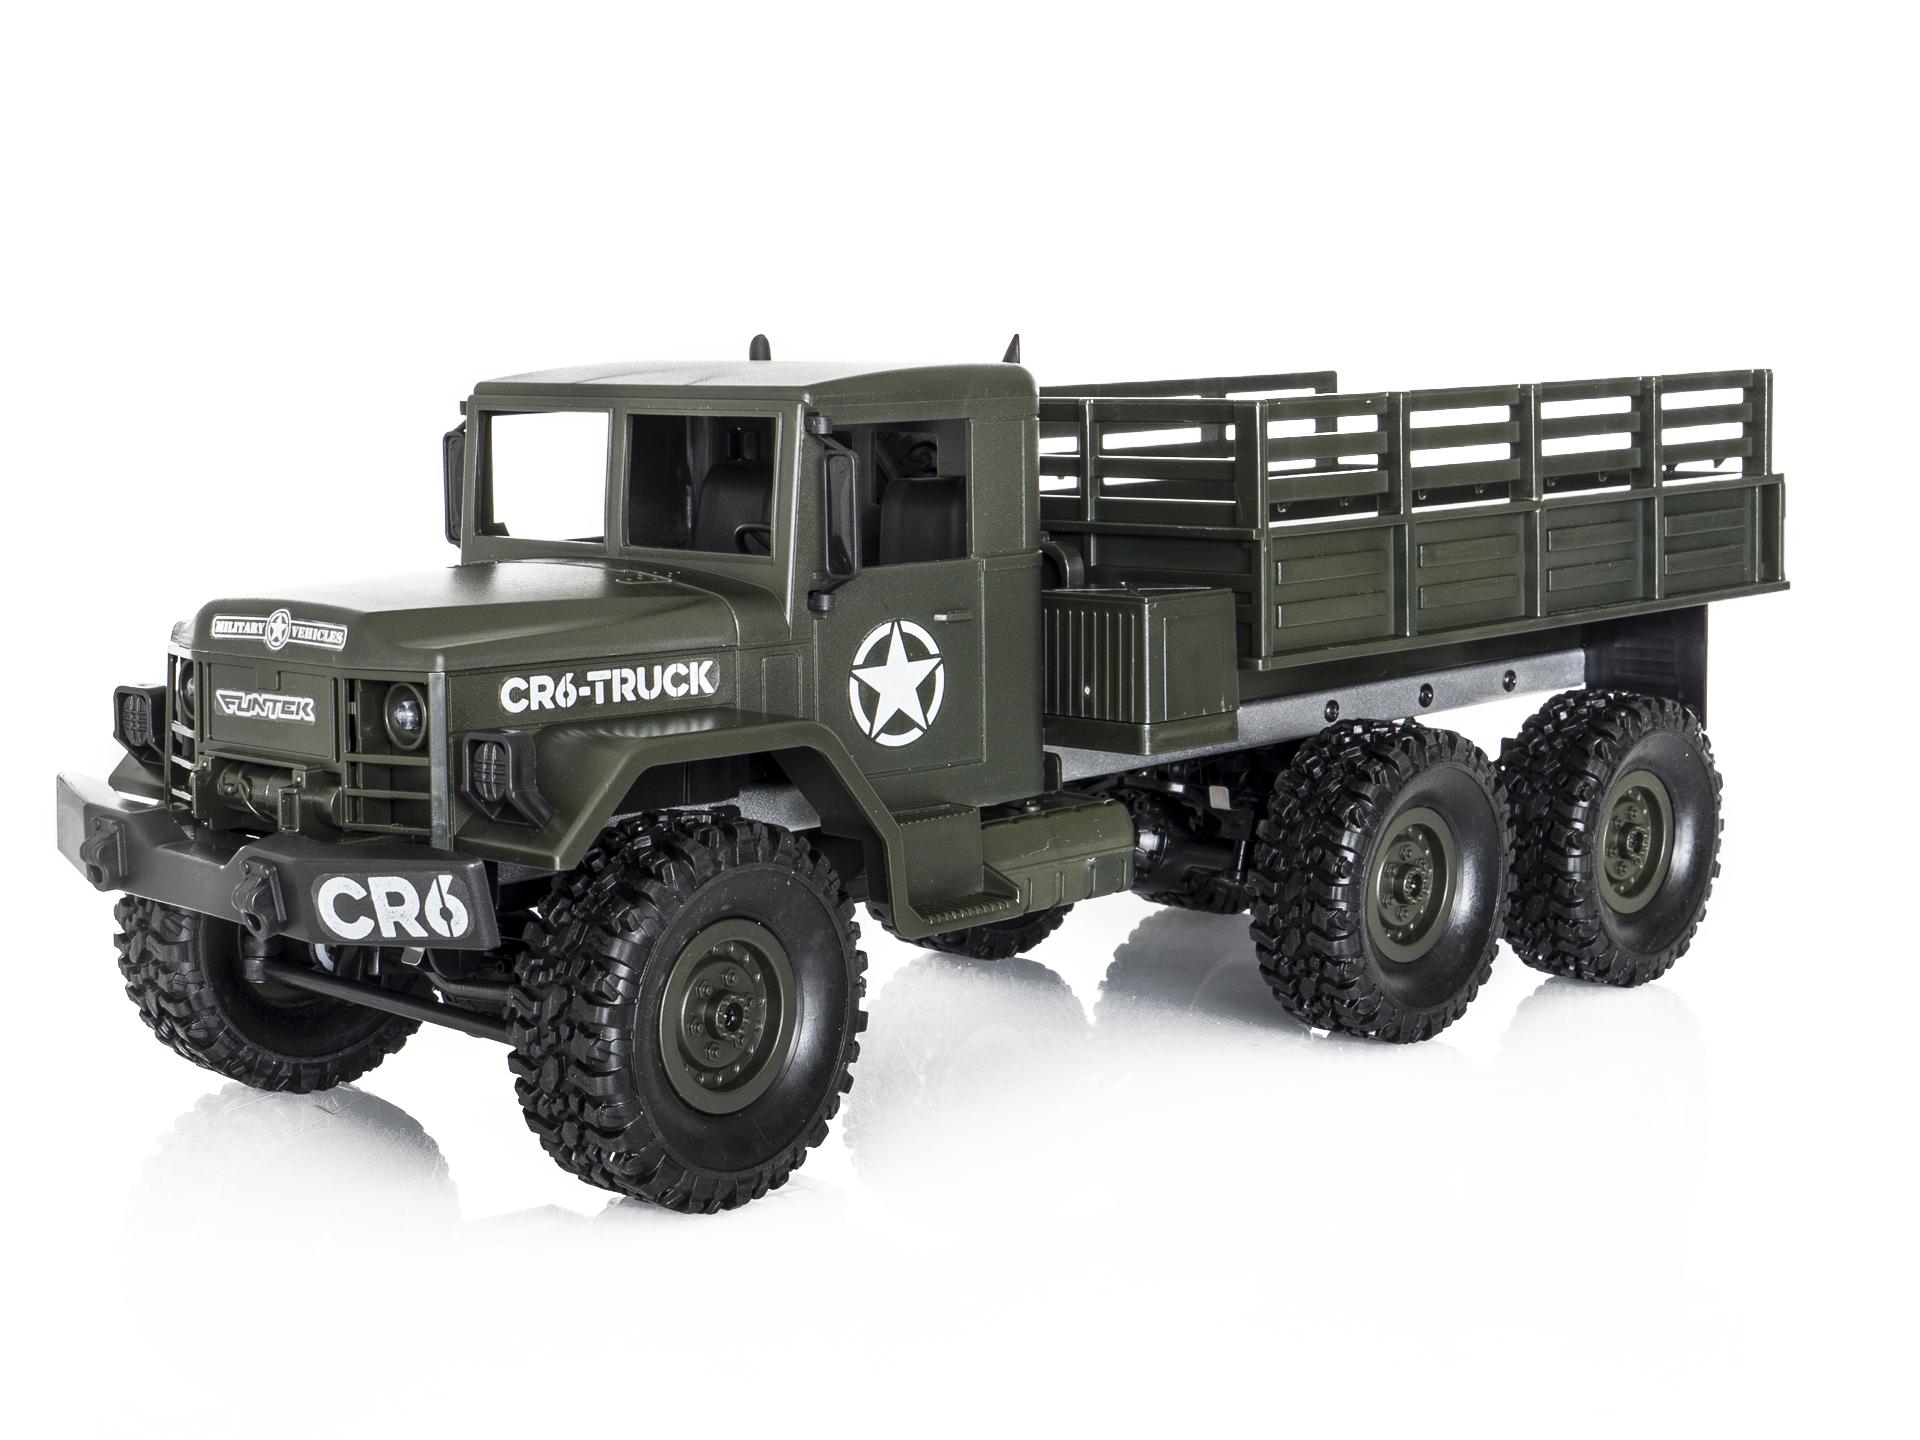 FTK-CR6-GR2